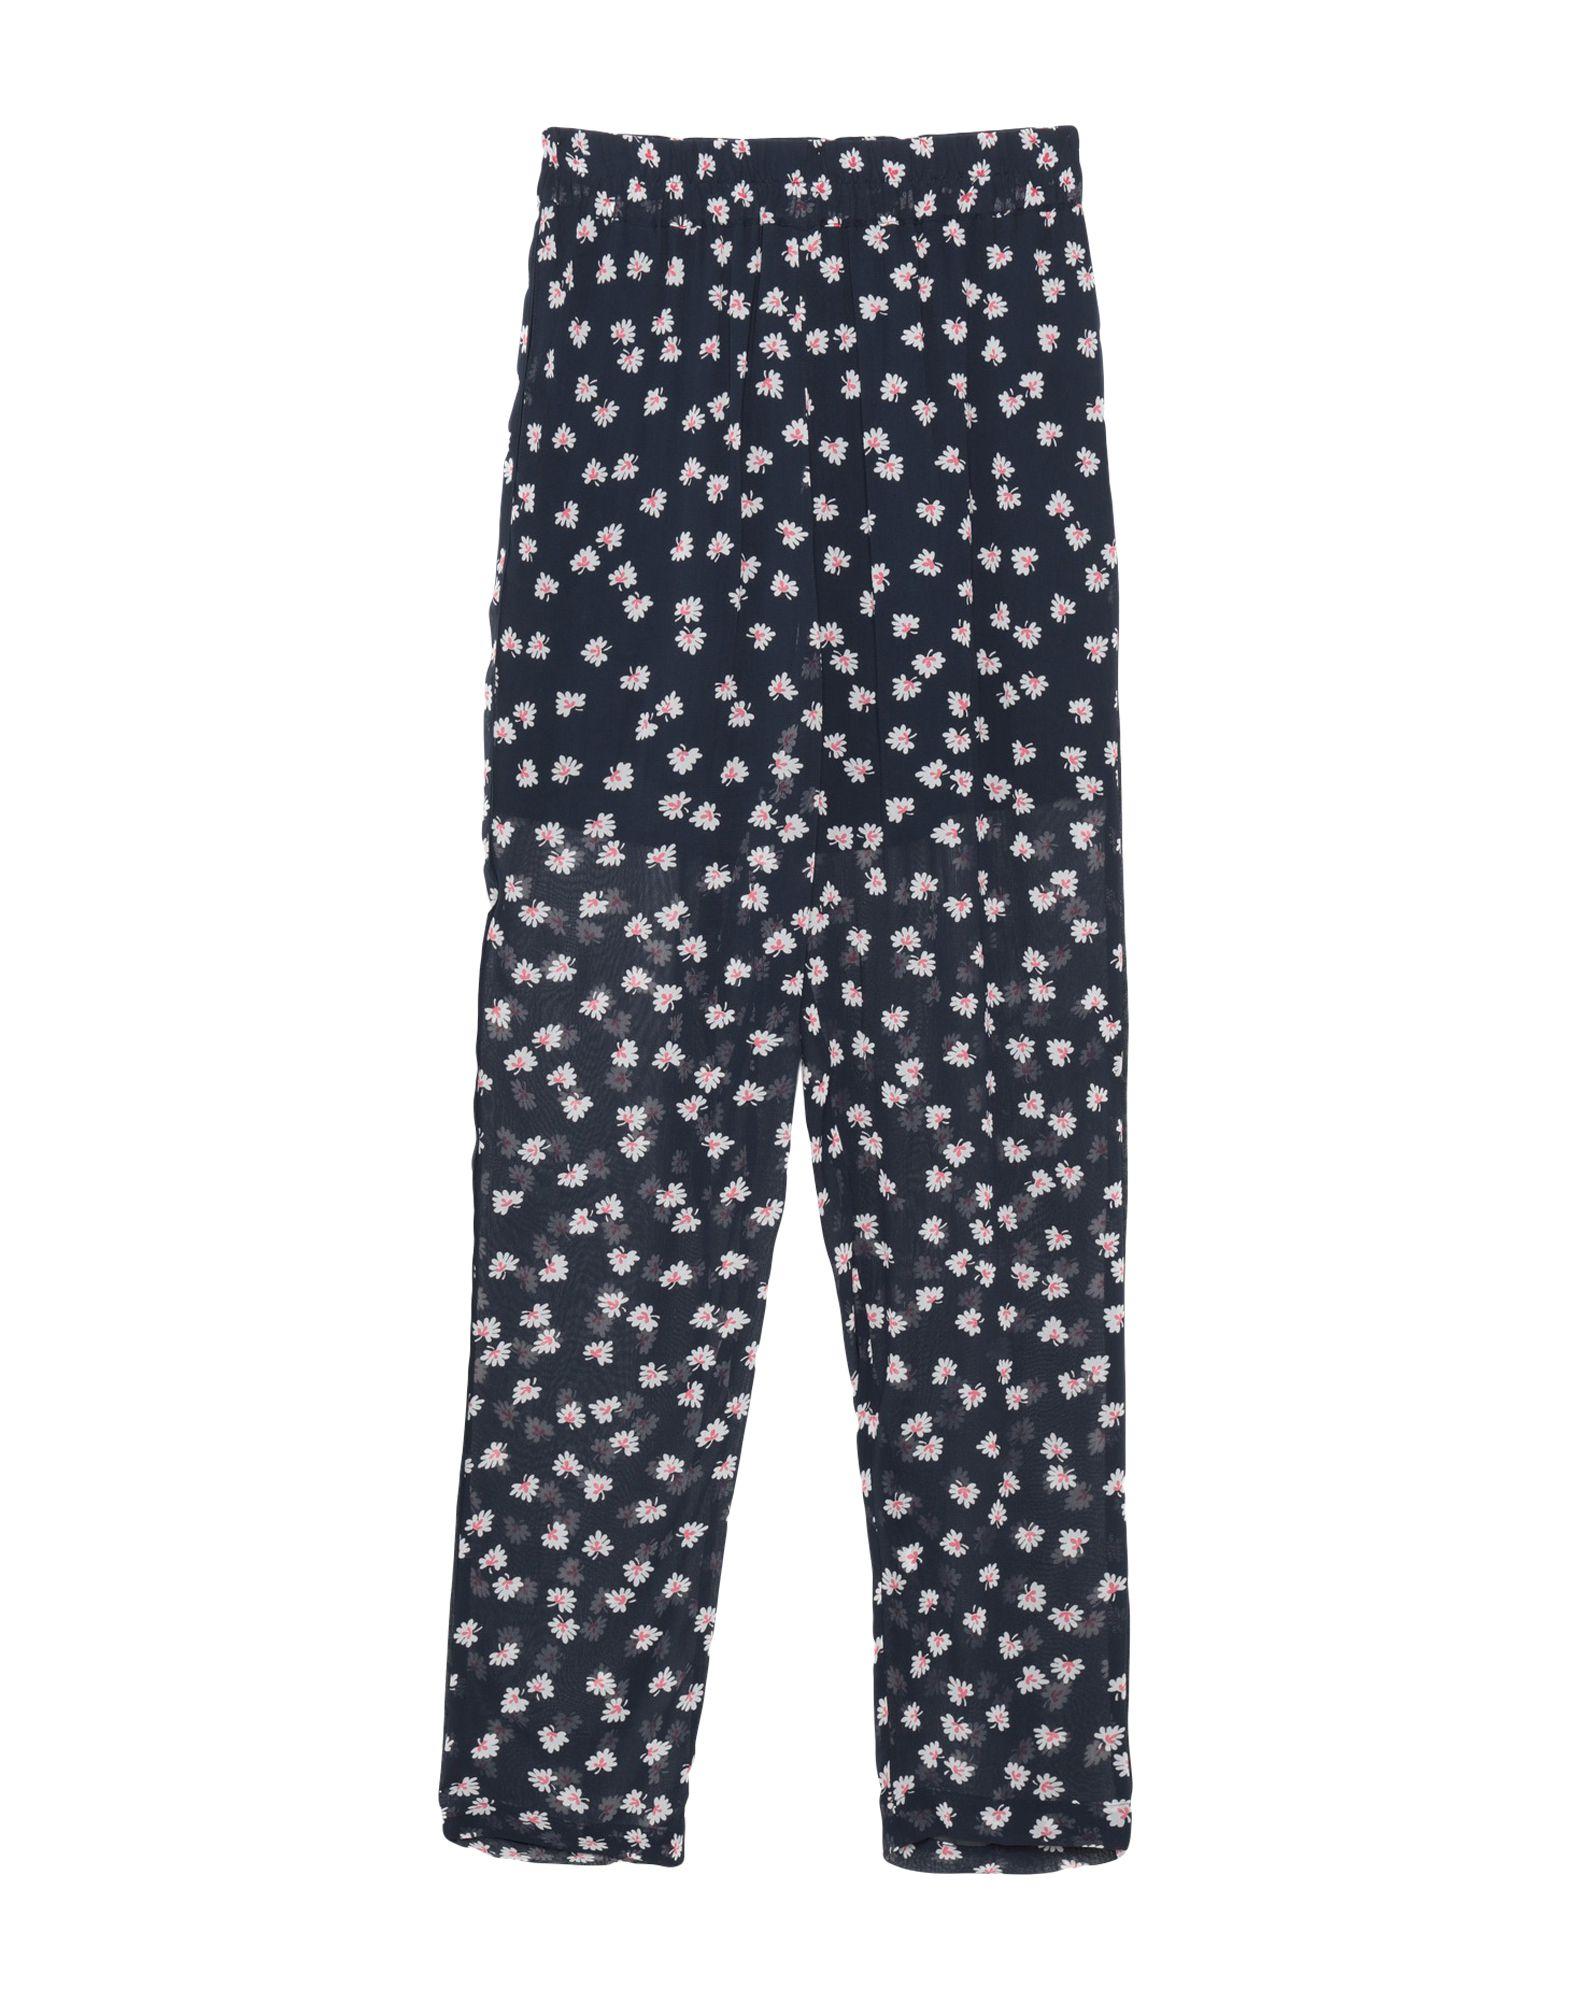 Pantalone Pantalone Pantalone Ganni donna - 13364494OS e9c